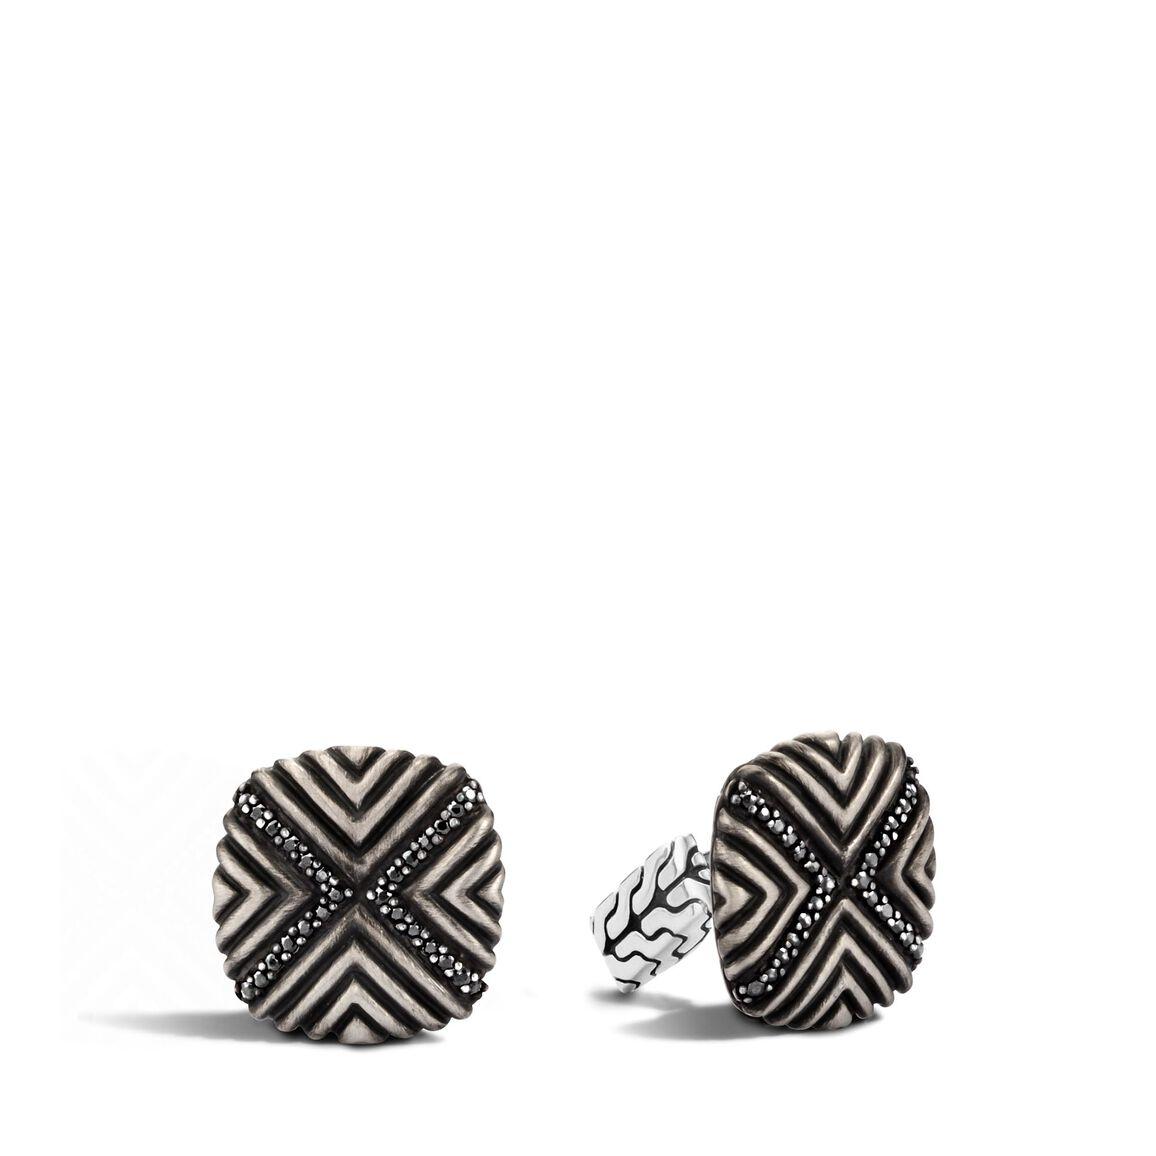 Men's Bedeg Cufflinks in Silver with Gemstone